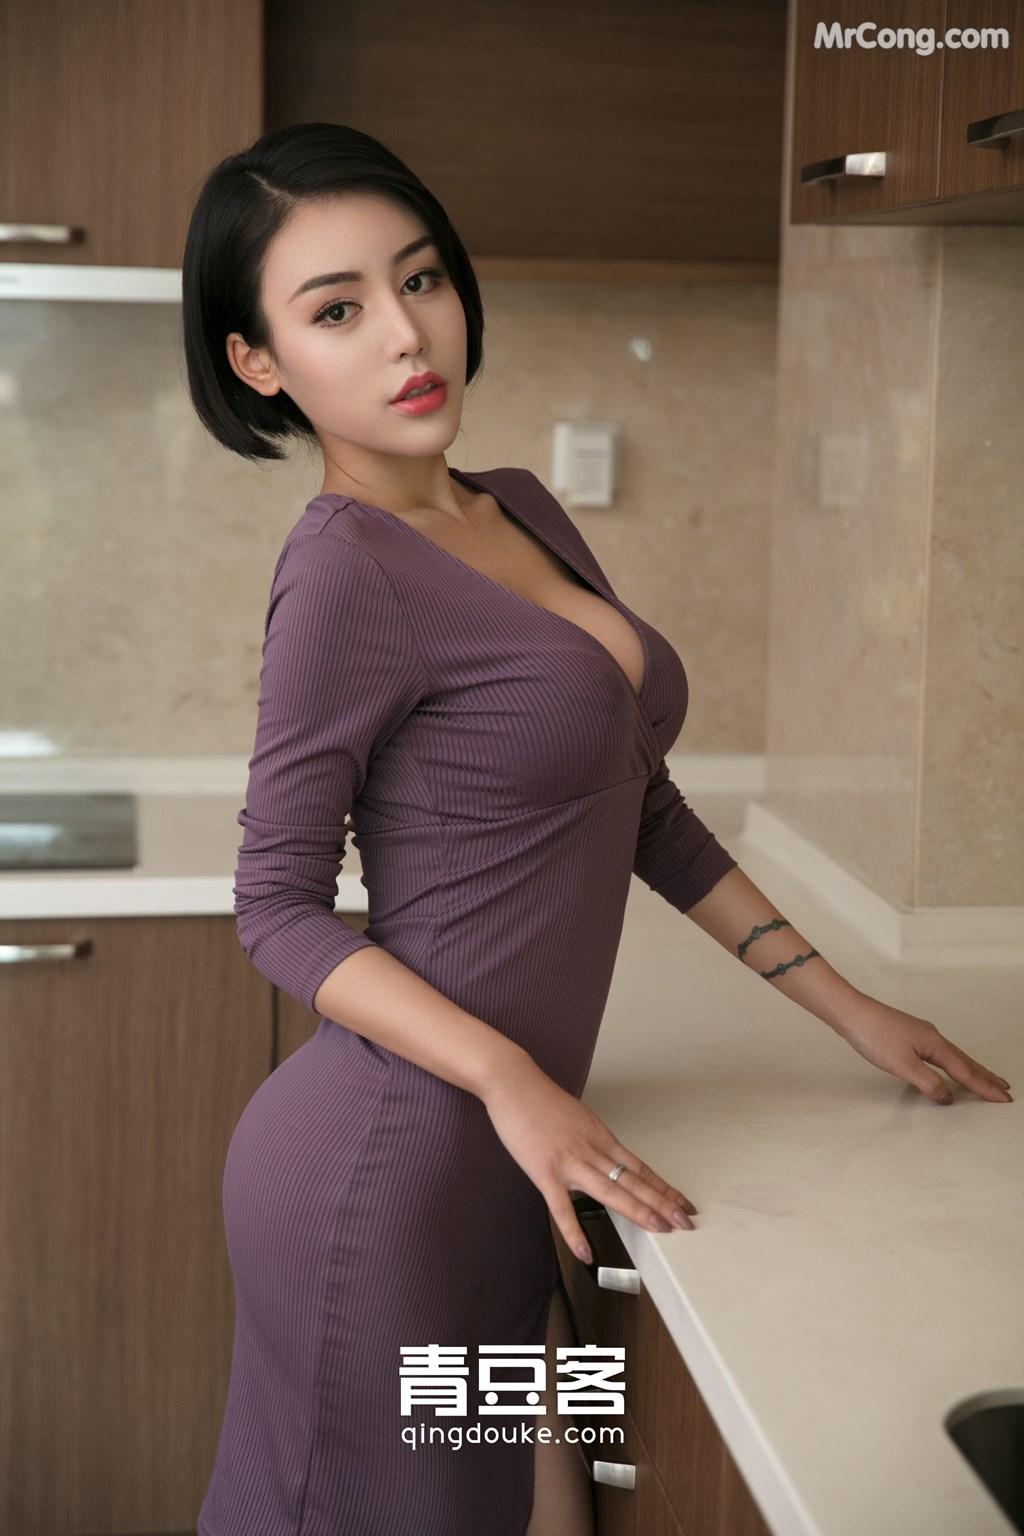 Image QingDouKe-2017-11-22-Lu-Zi-Qi-MrCong.com-002 in post QingDouKe 2017-11-22: Người mẫu Lu Zi Qi (陆梓琪) (51 ảnh)